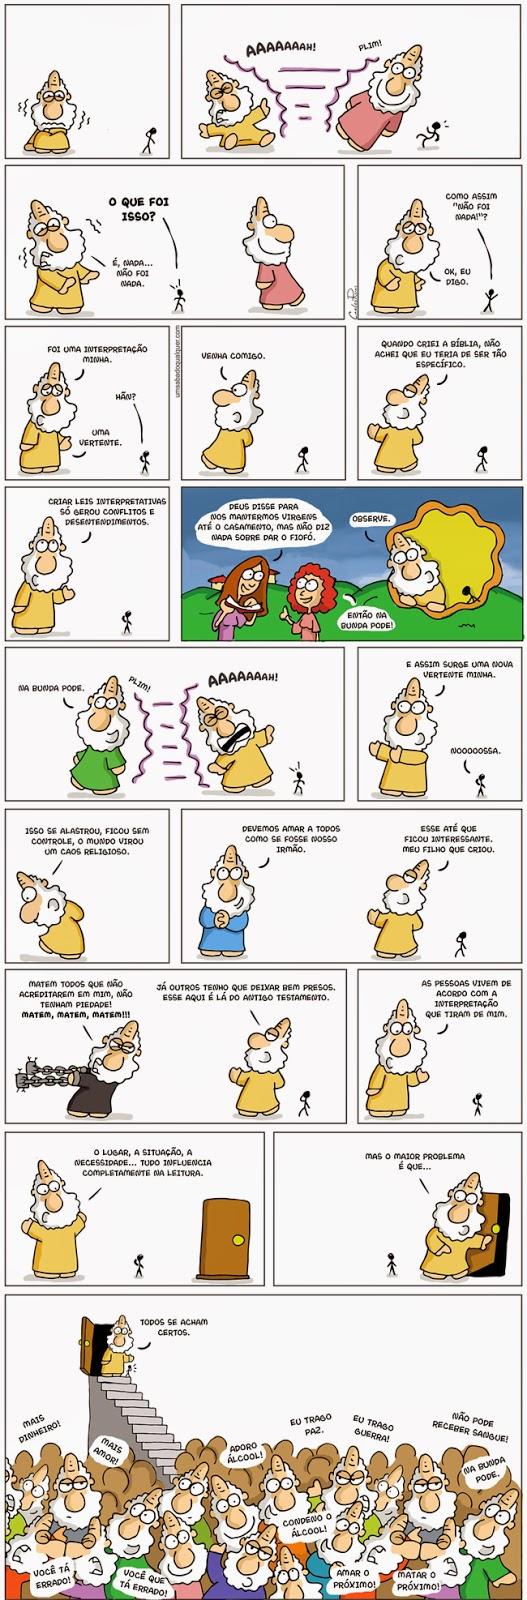 http://www.umsabadoqualquer.com/1356-as-mil-interpretacoes-biblicas/